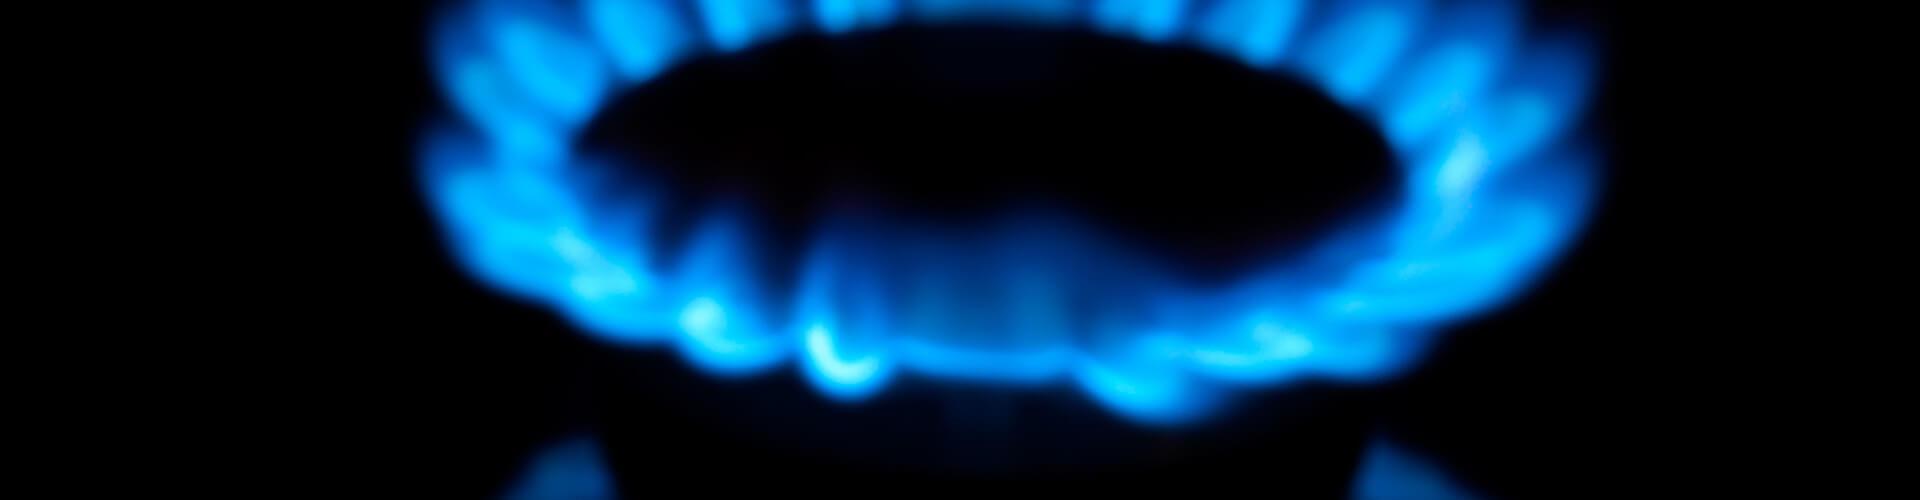 gassun-appliances-gas